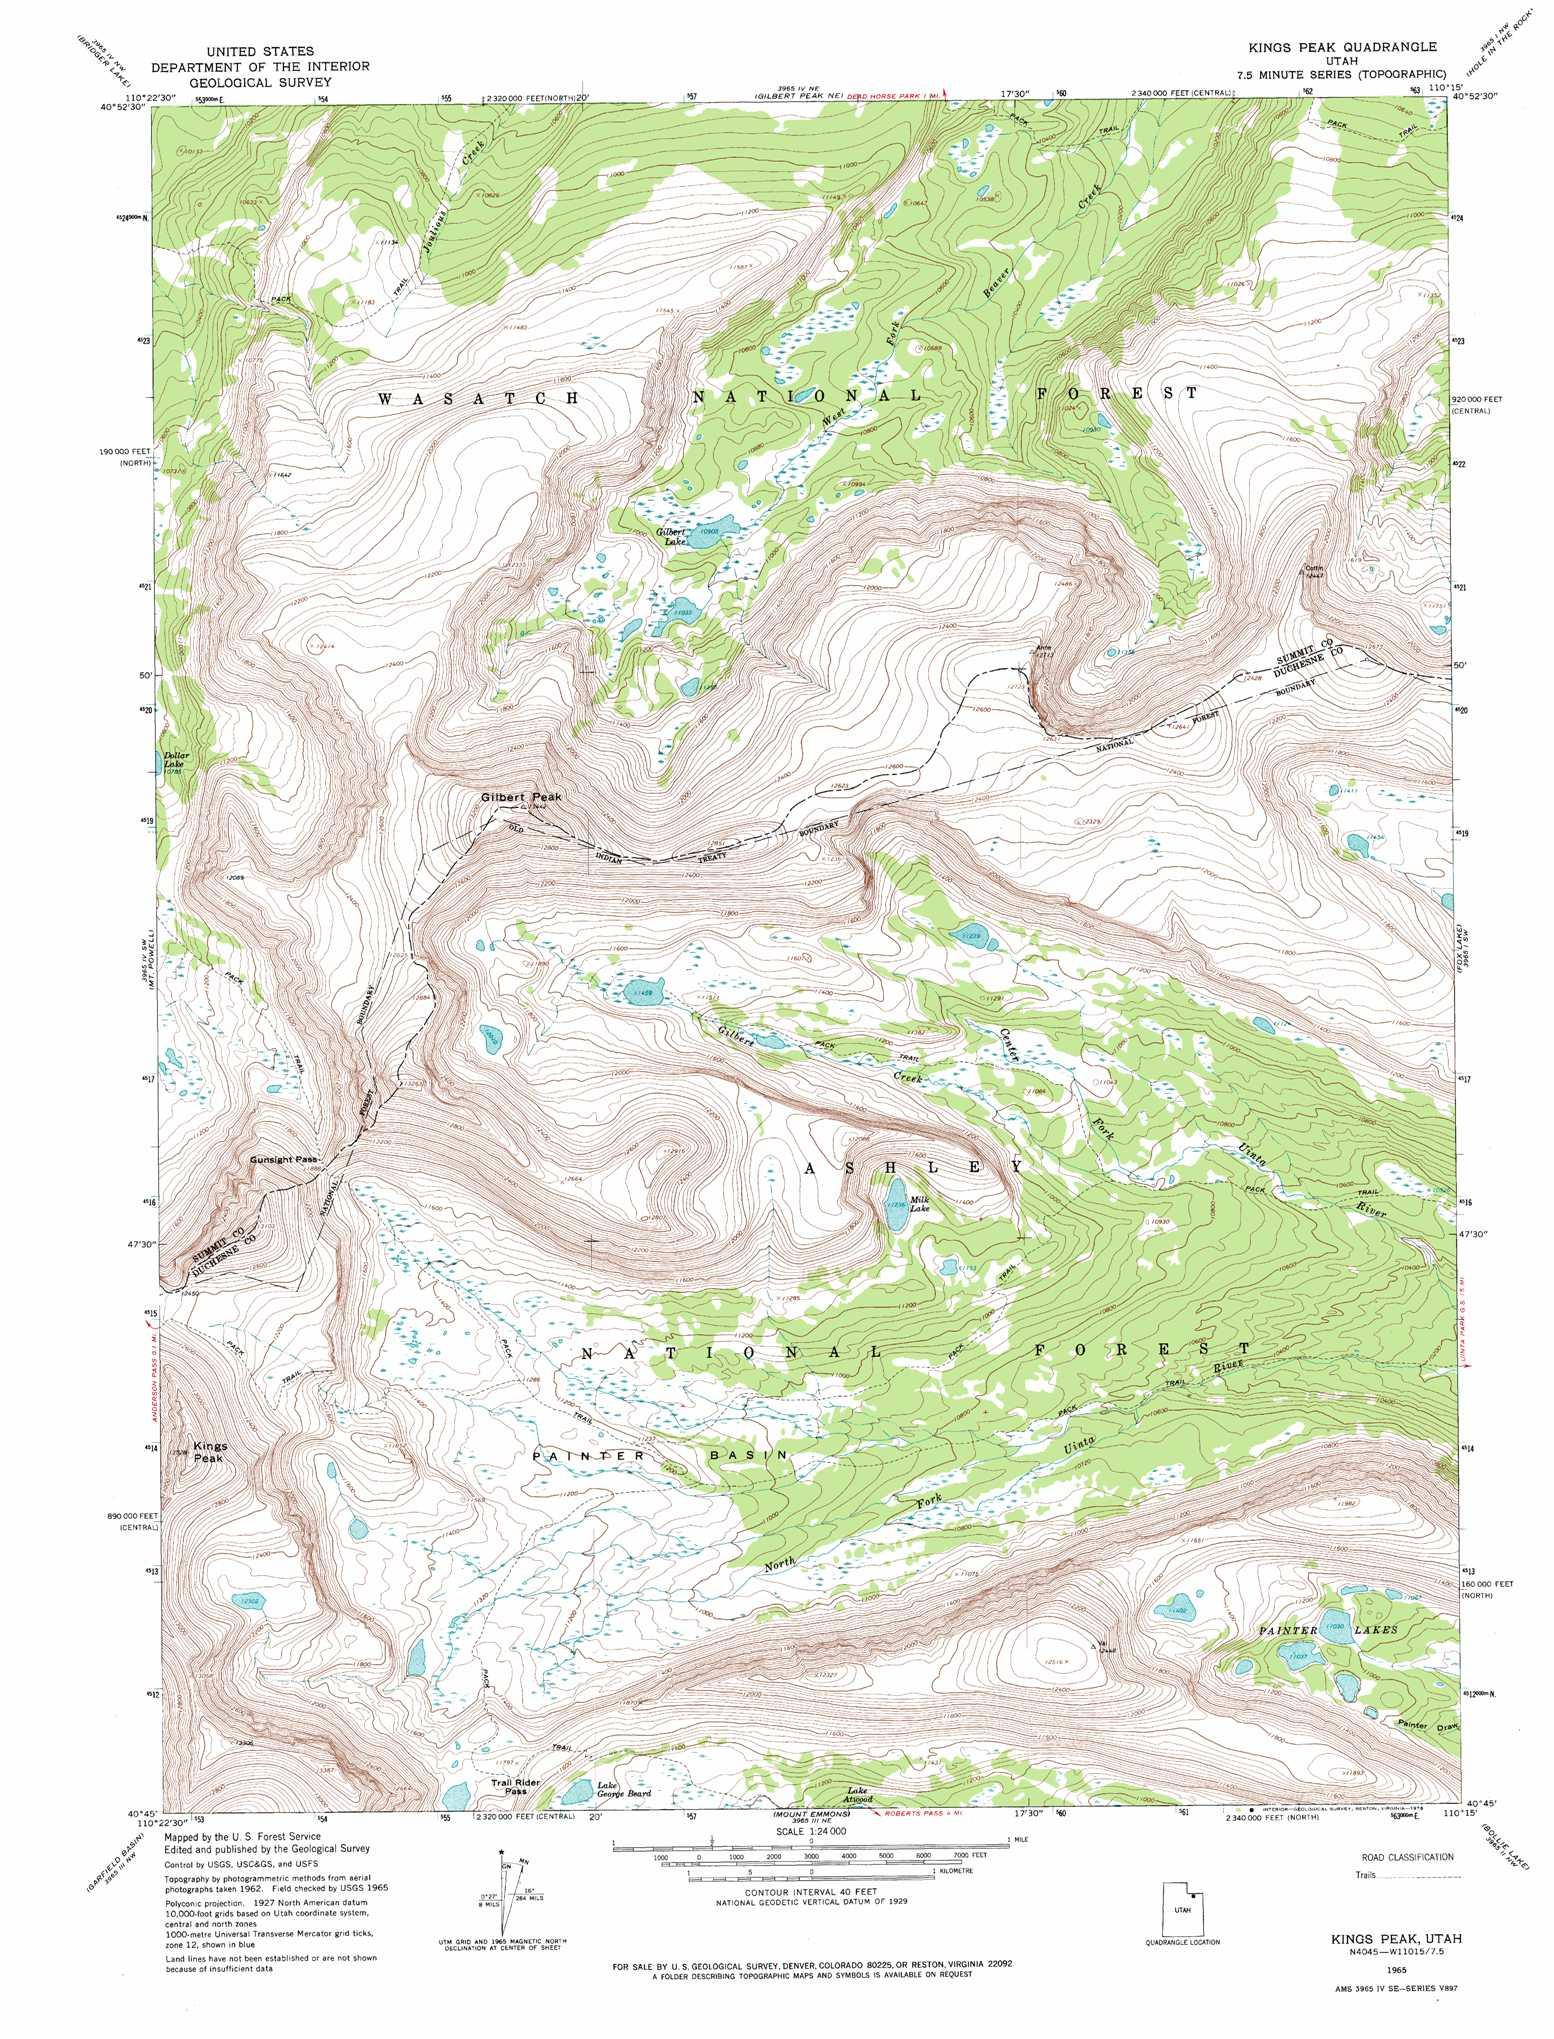 Kings Peak Topographic Map UT USGS Topo Quad G - Topographic map of utah